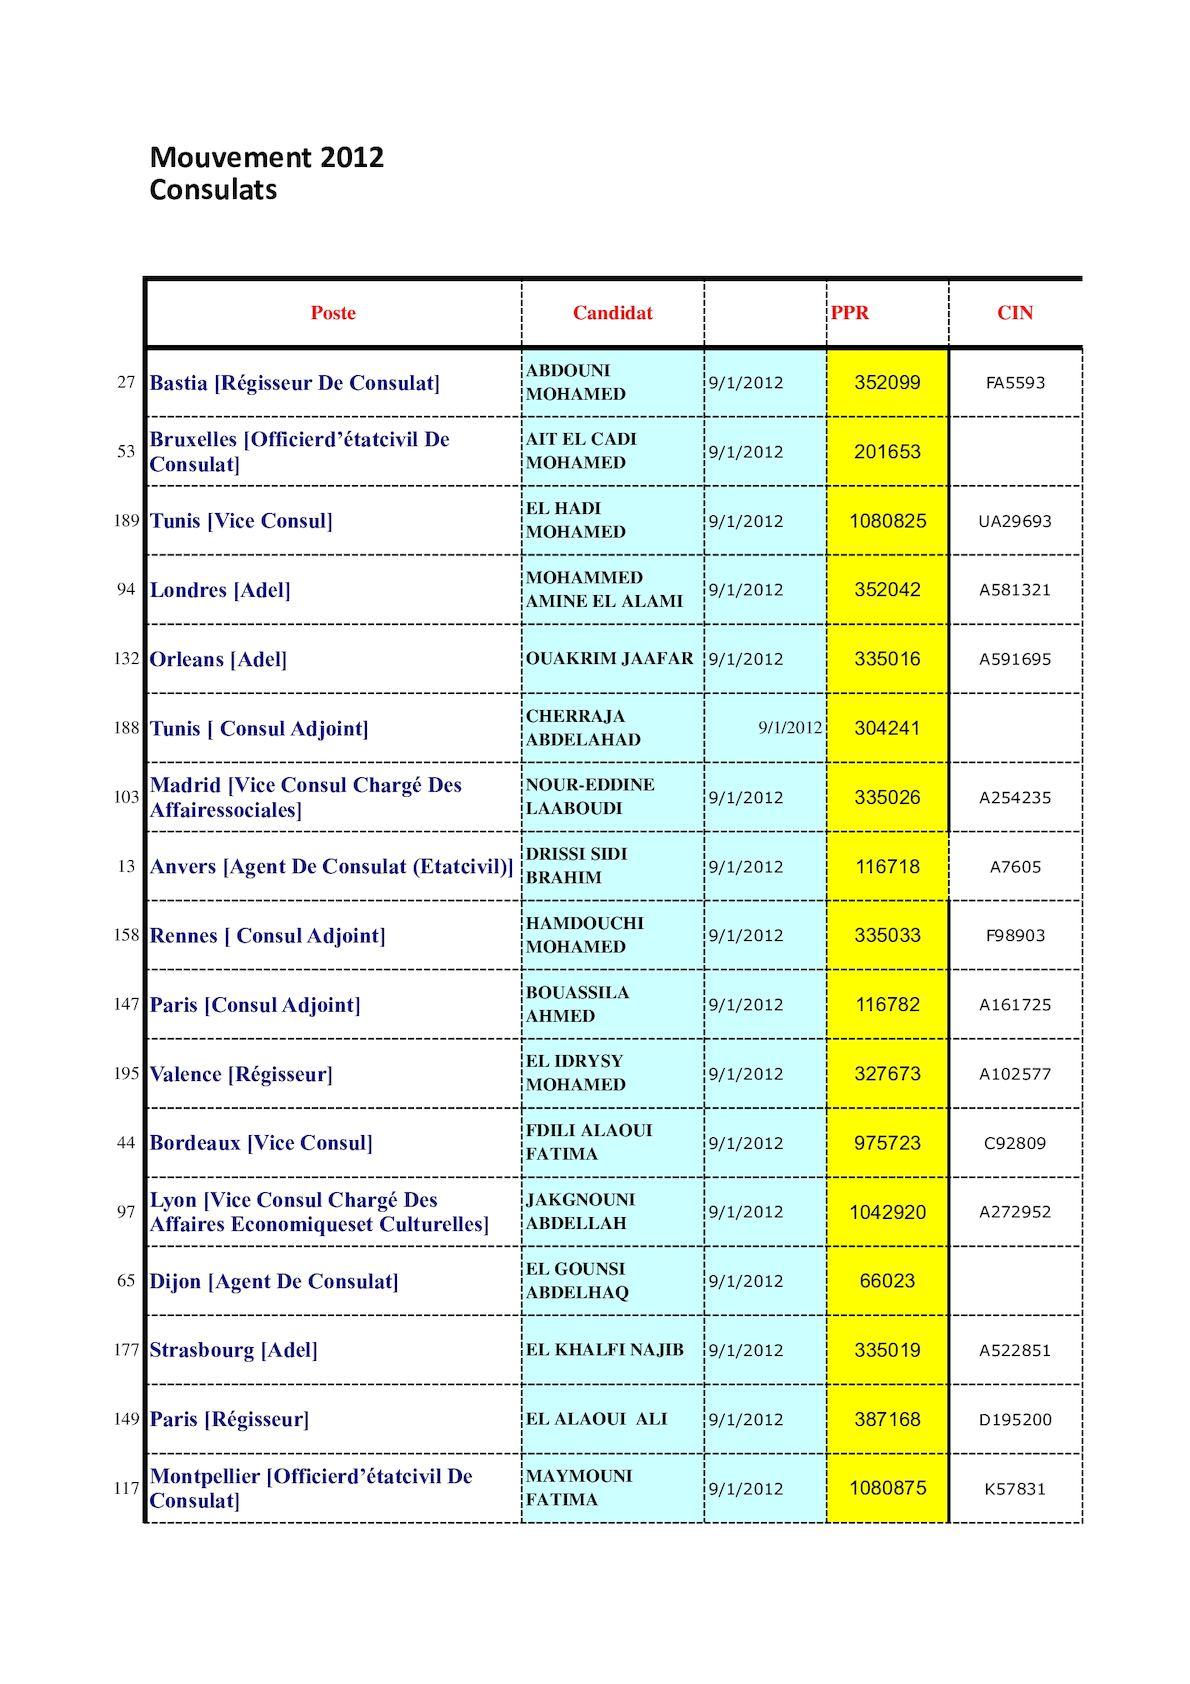 Statistique -- Mvt 2012